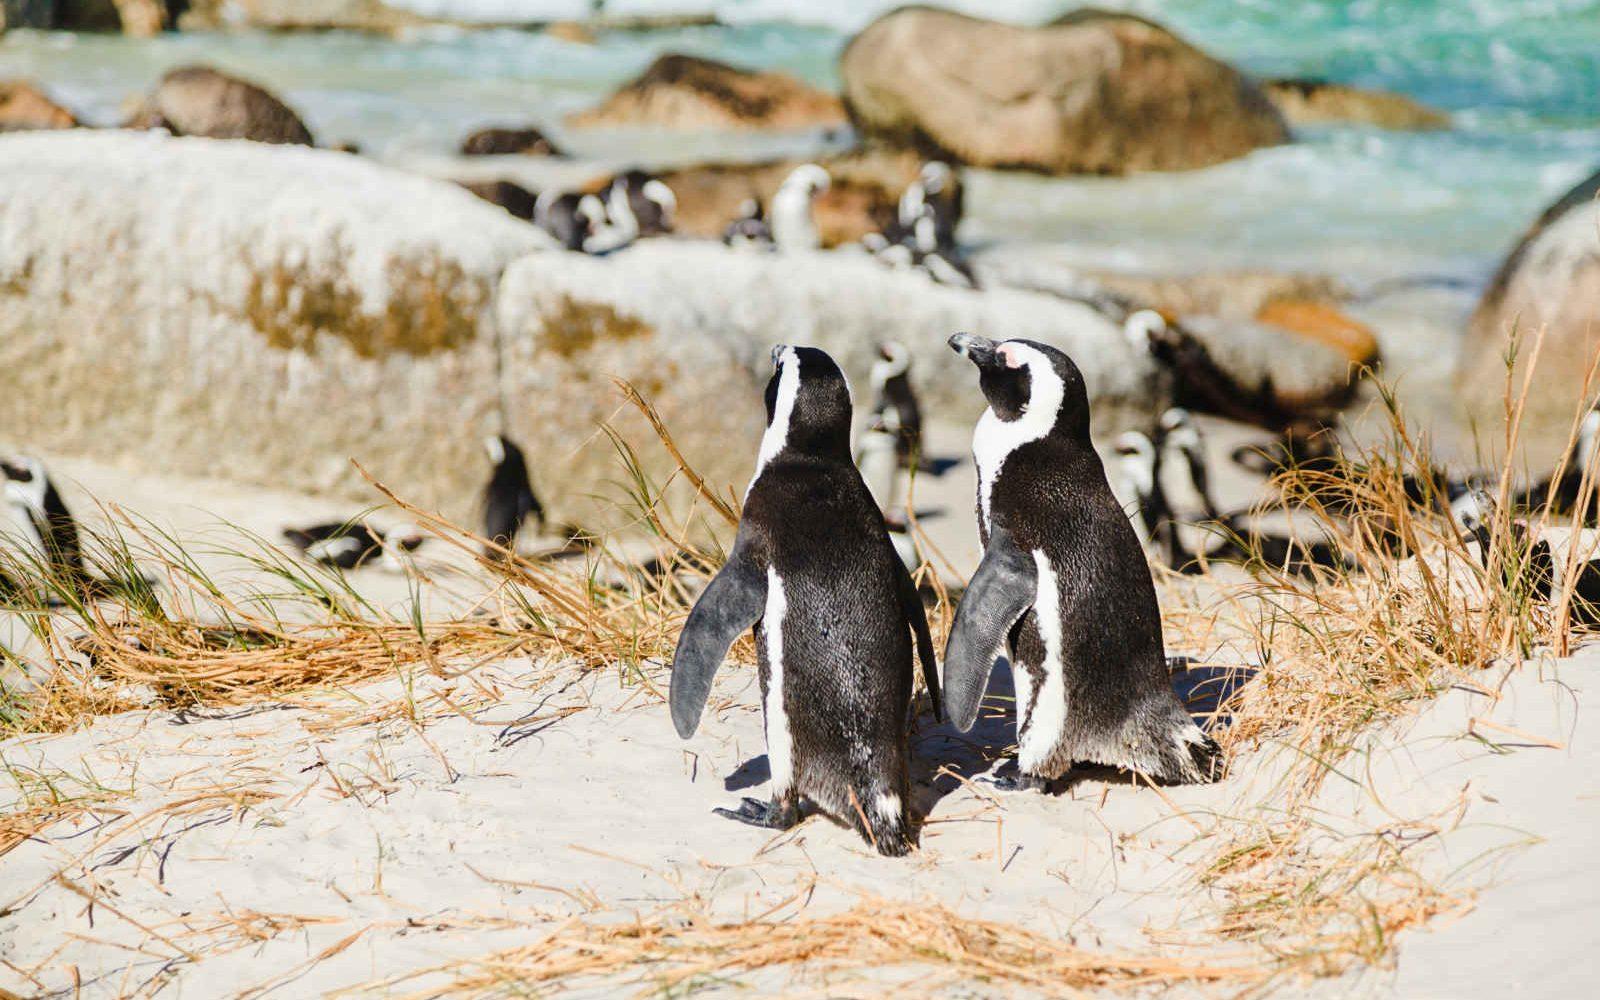 Colonie de pingouins de Boulder Beach, Afrique du Sud